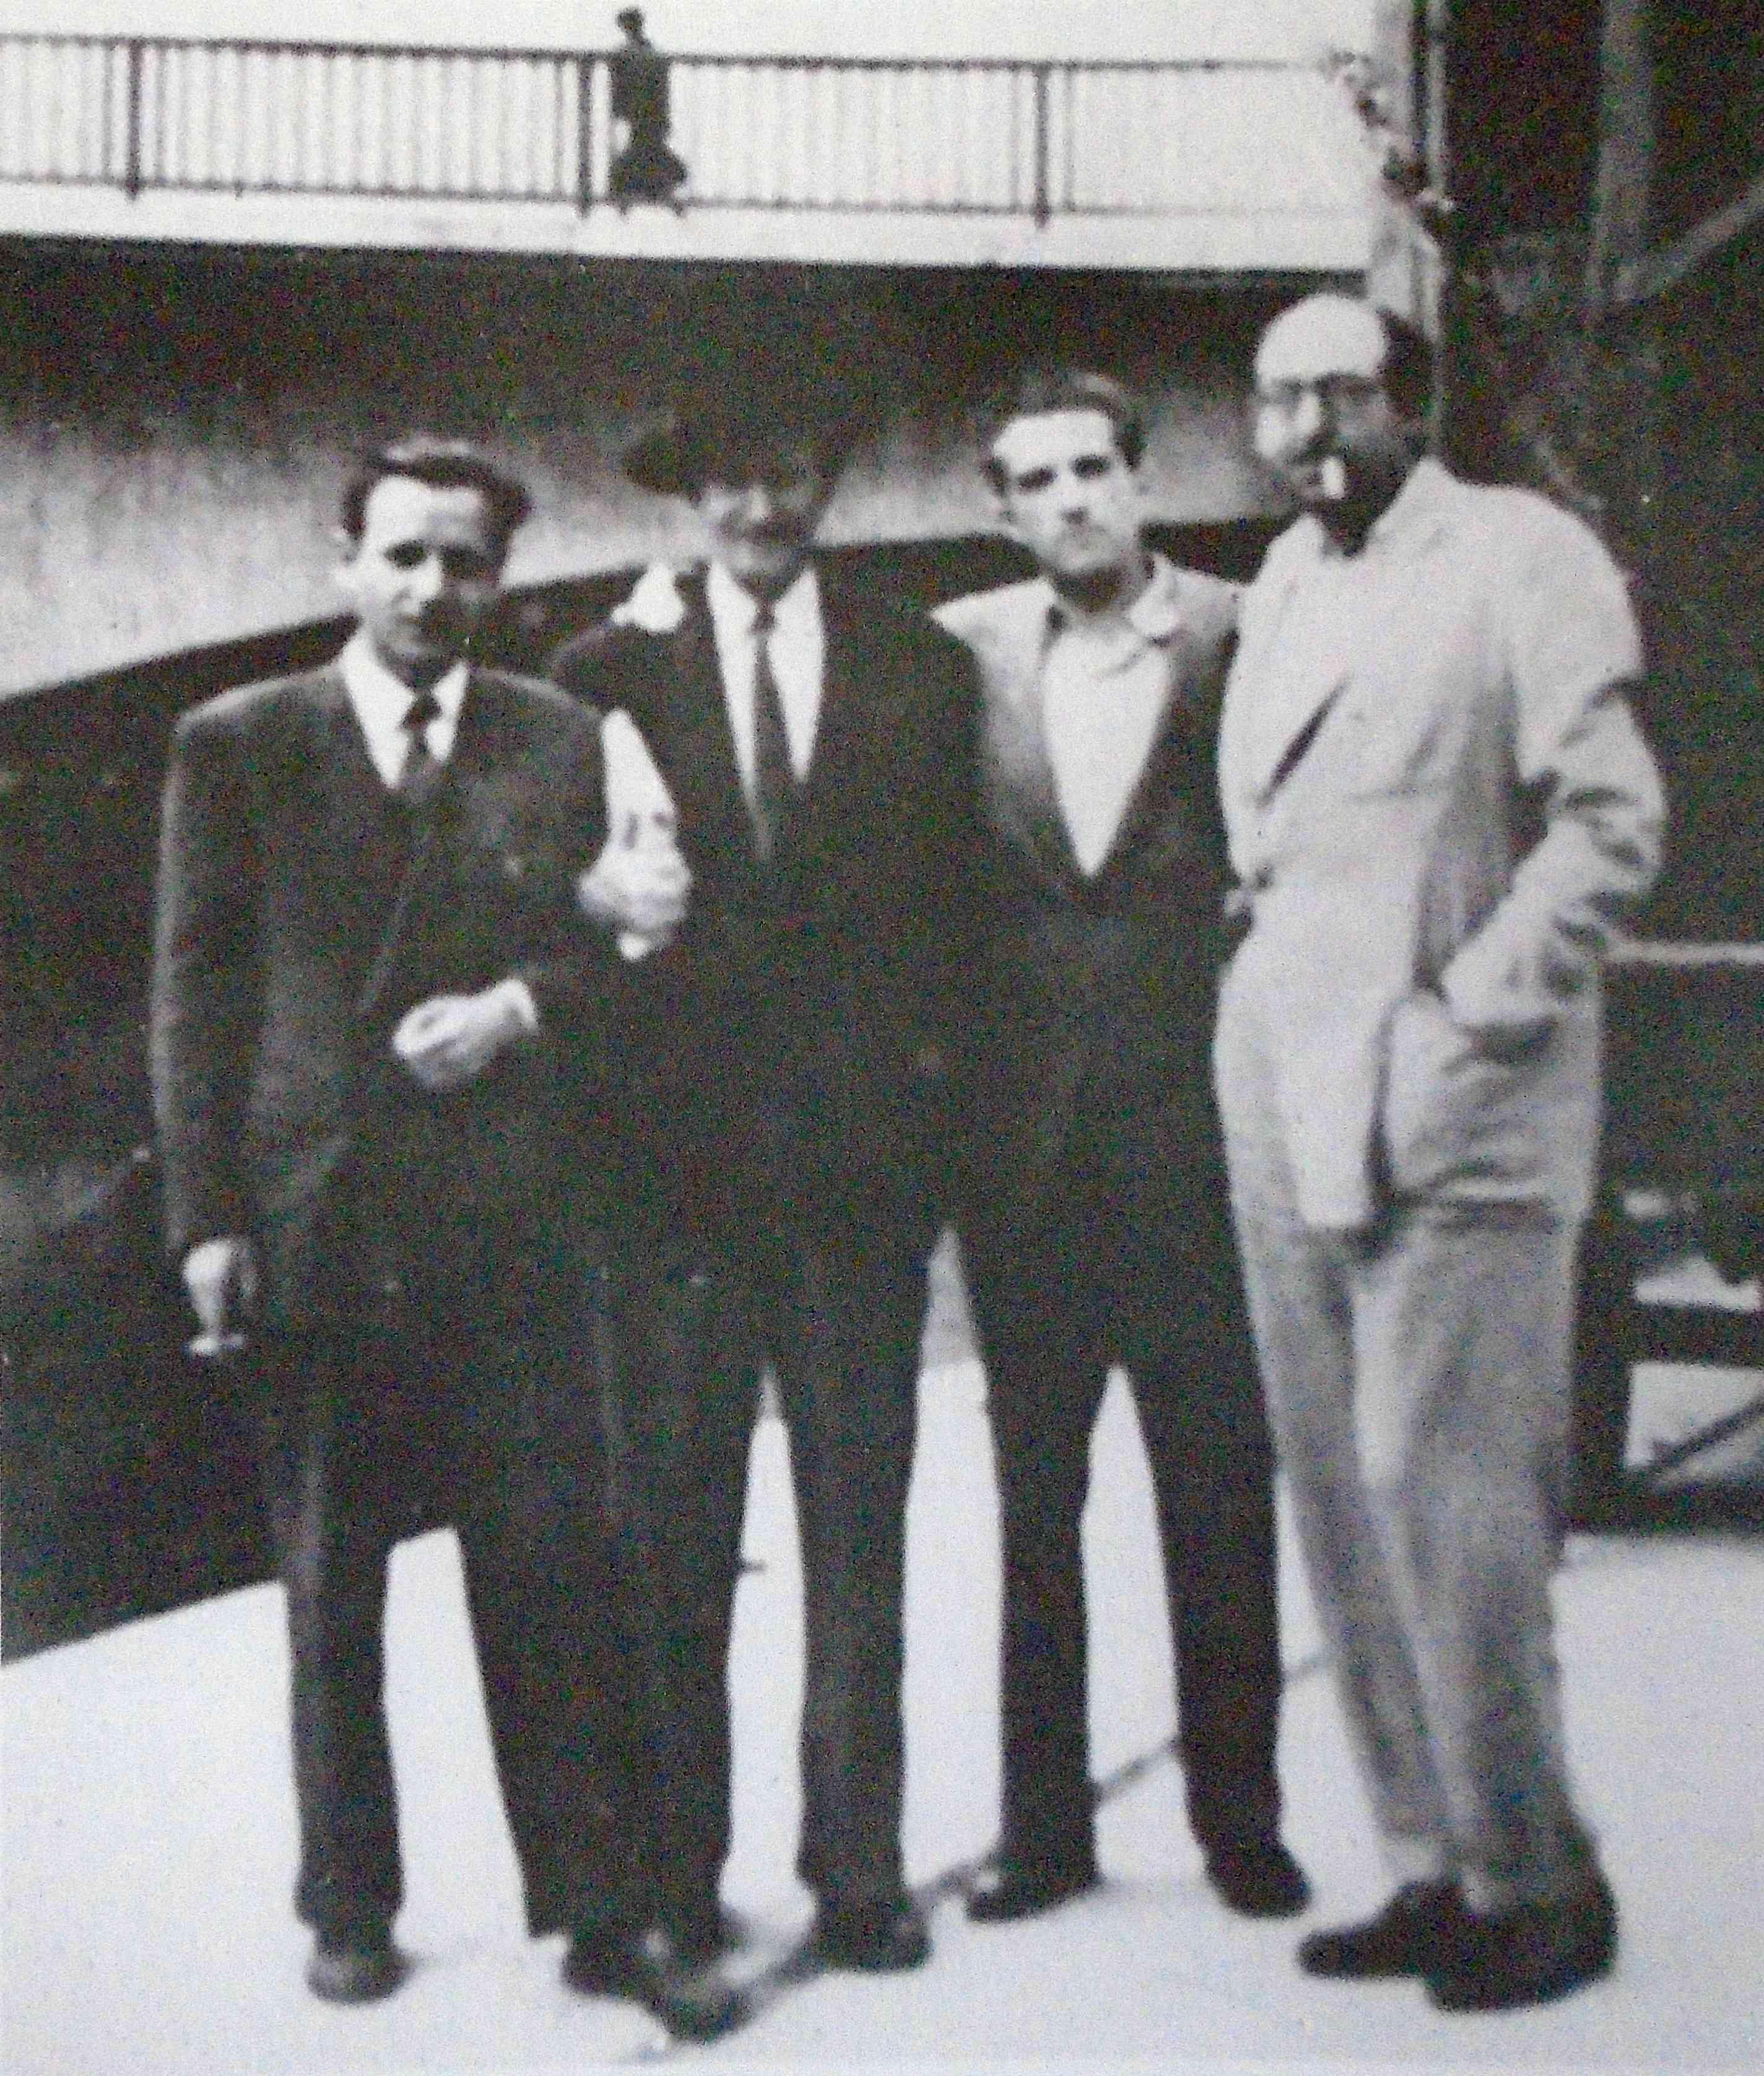 Blas de Otero (segundo por la derecha) con Luis Castresana, Pío Fernández y Rafael Morales, c. 1965